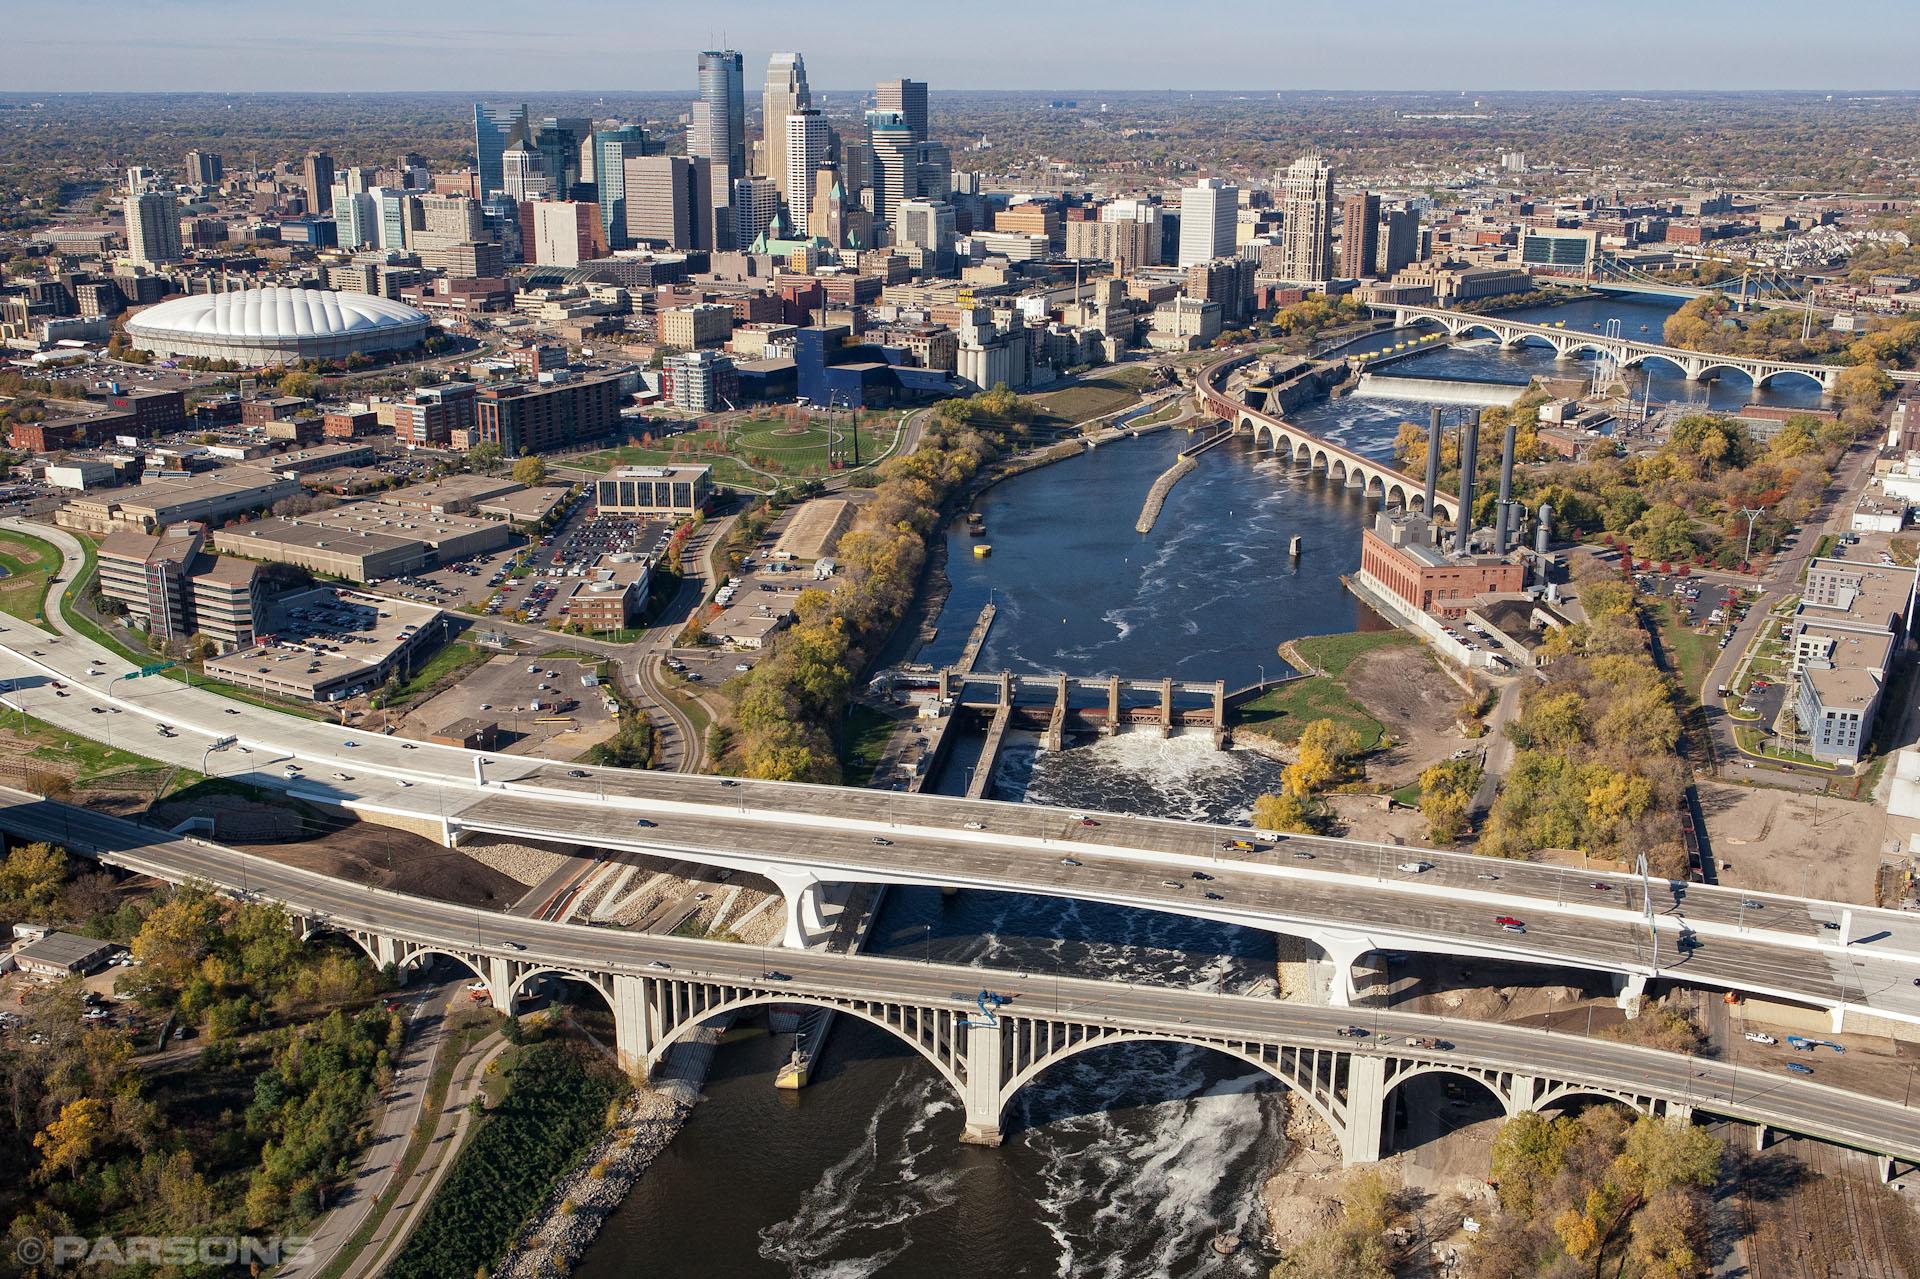 Civil-Engineering-Aerial-Highway-I35-Bridge-Minneapolis-Minnesota-Jason-Bax.JPG